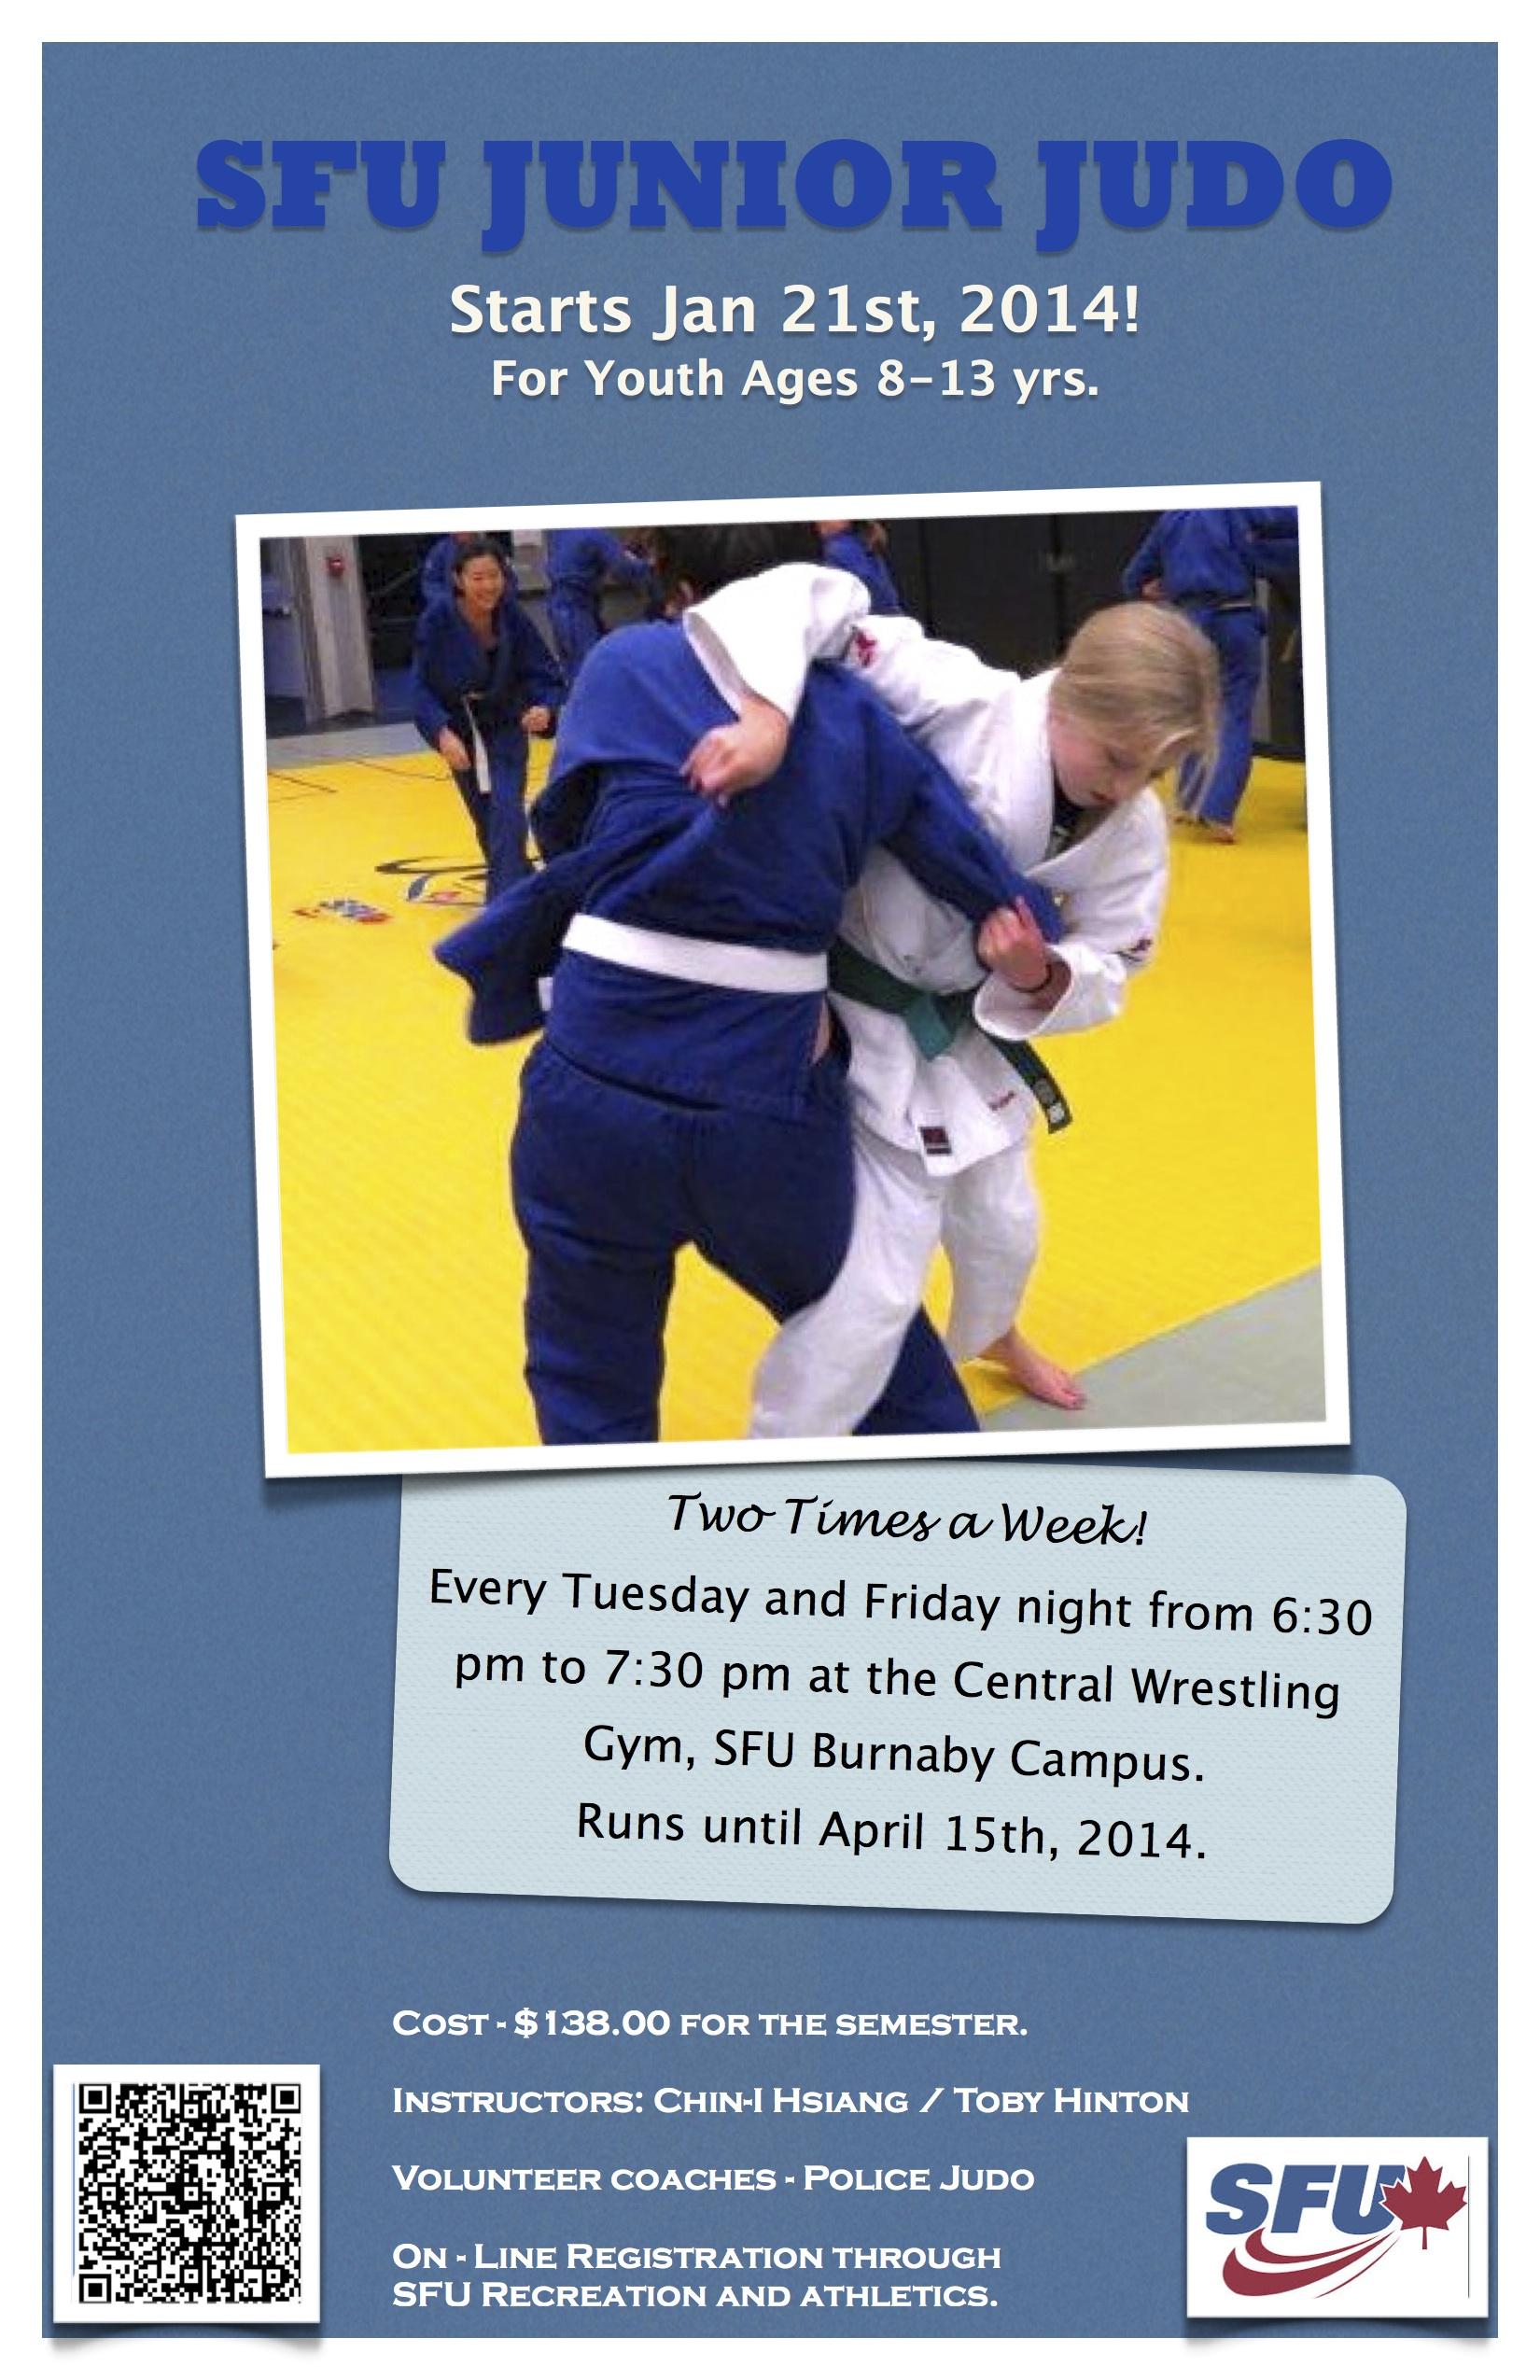 jr. judo poster spring 201 final.jpg